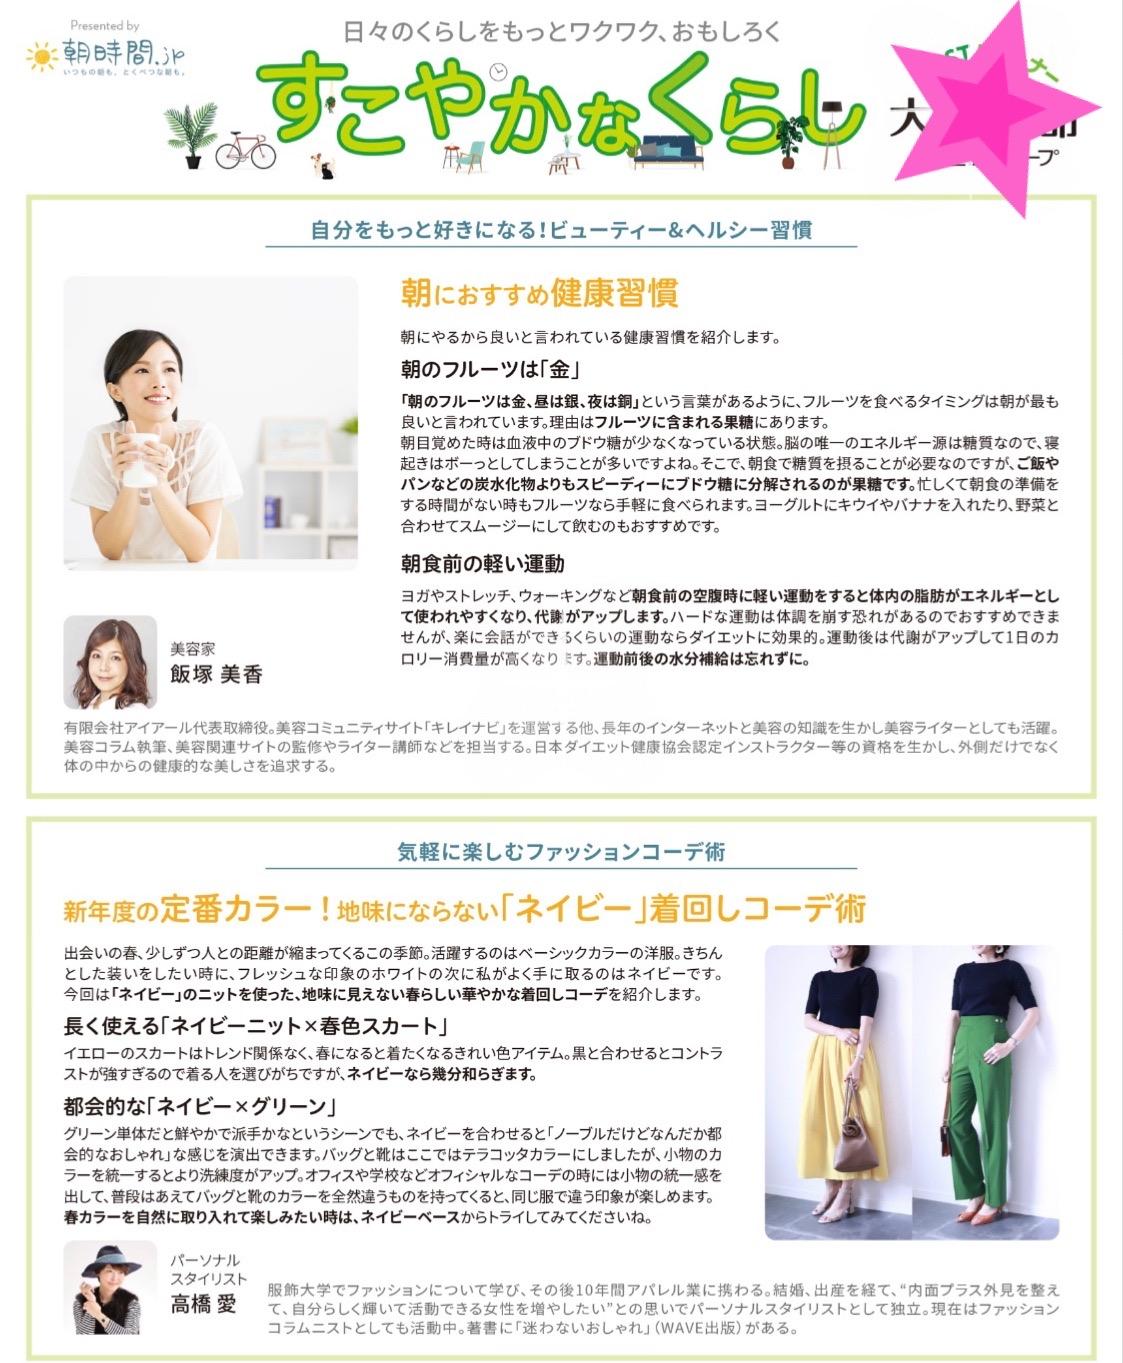 美容家・飯塚美香 リーフレット雑誌コメント